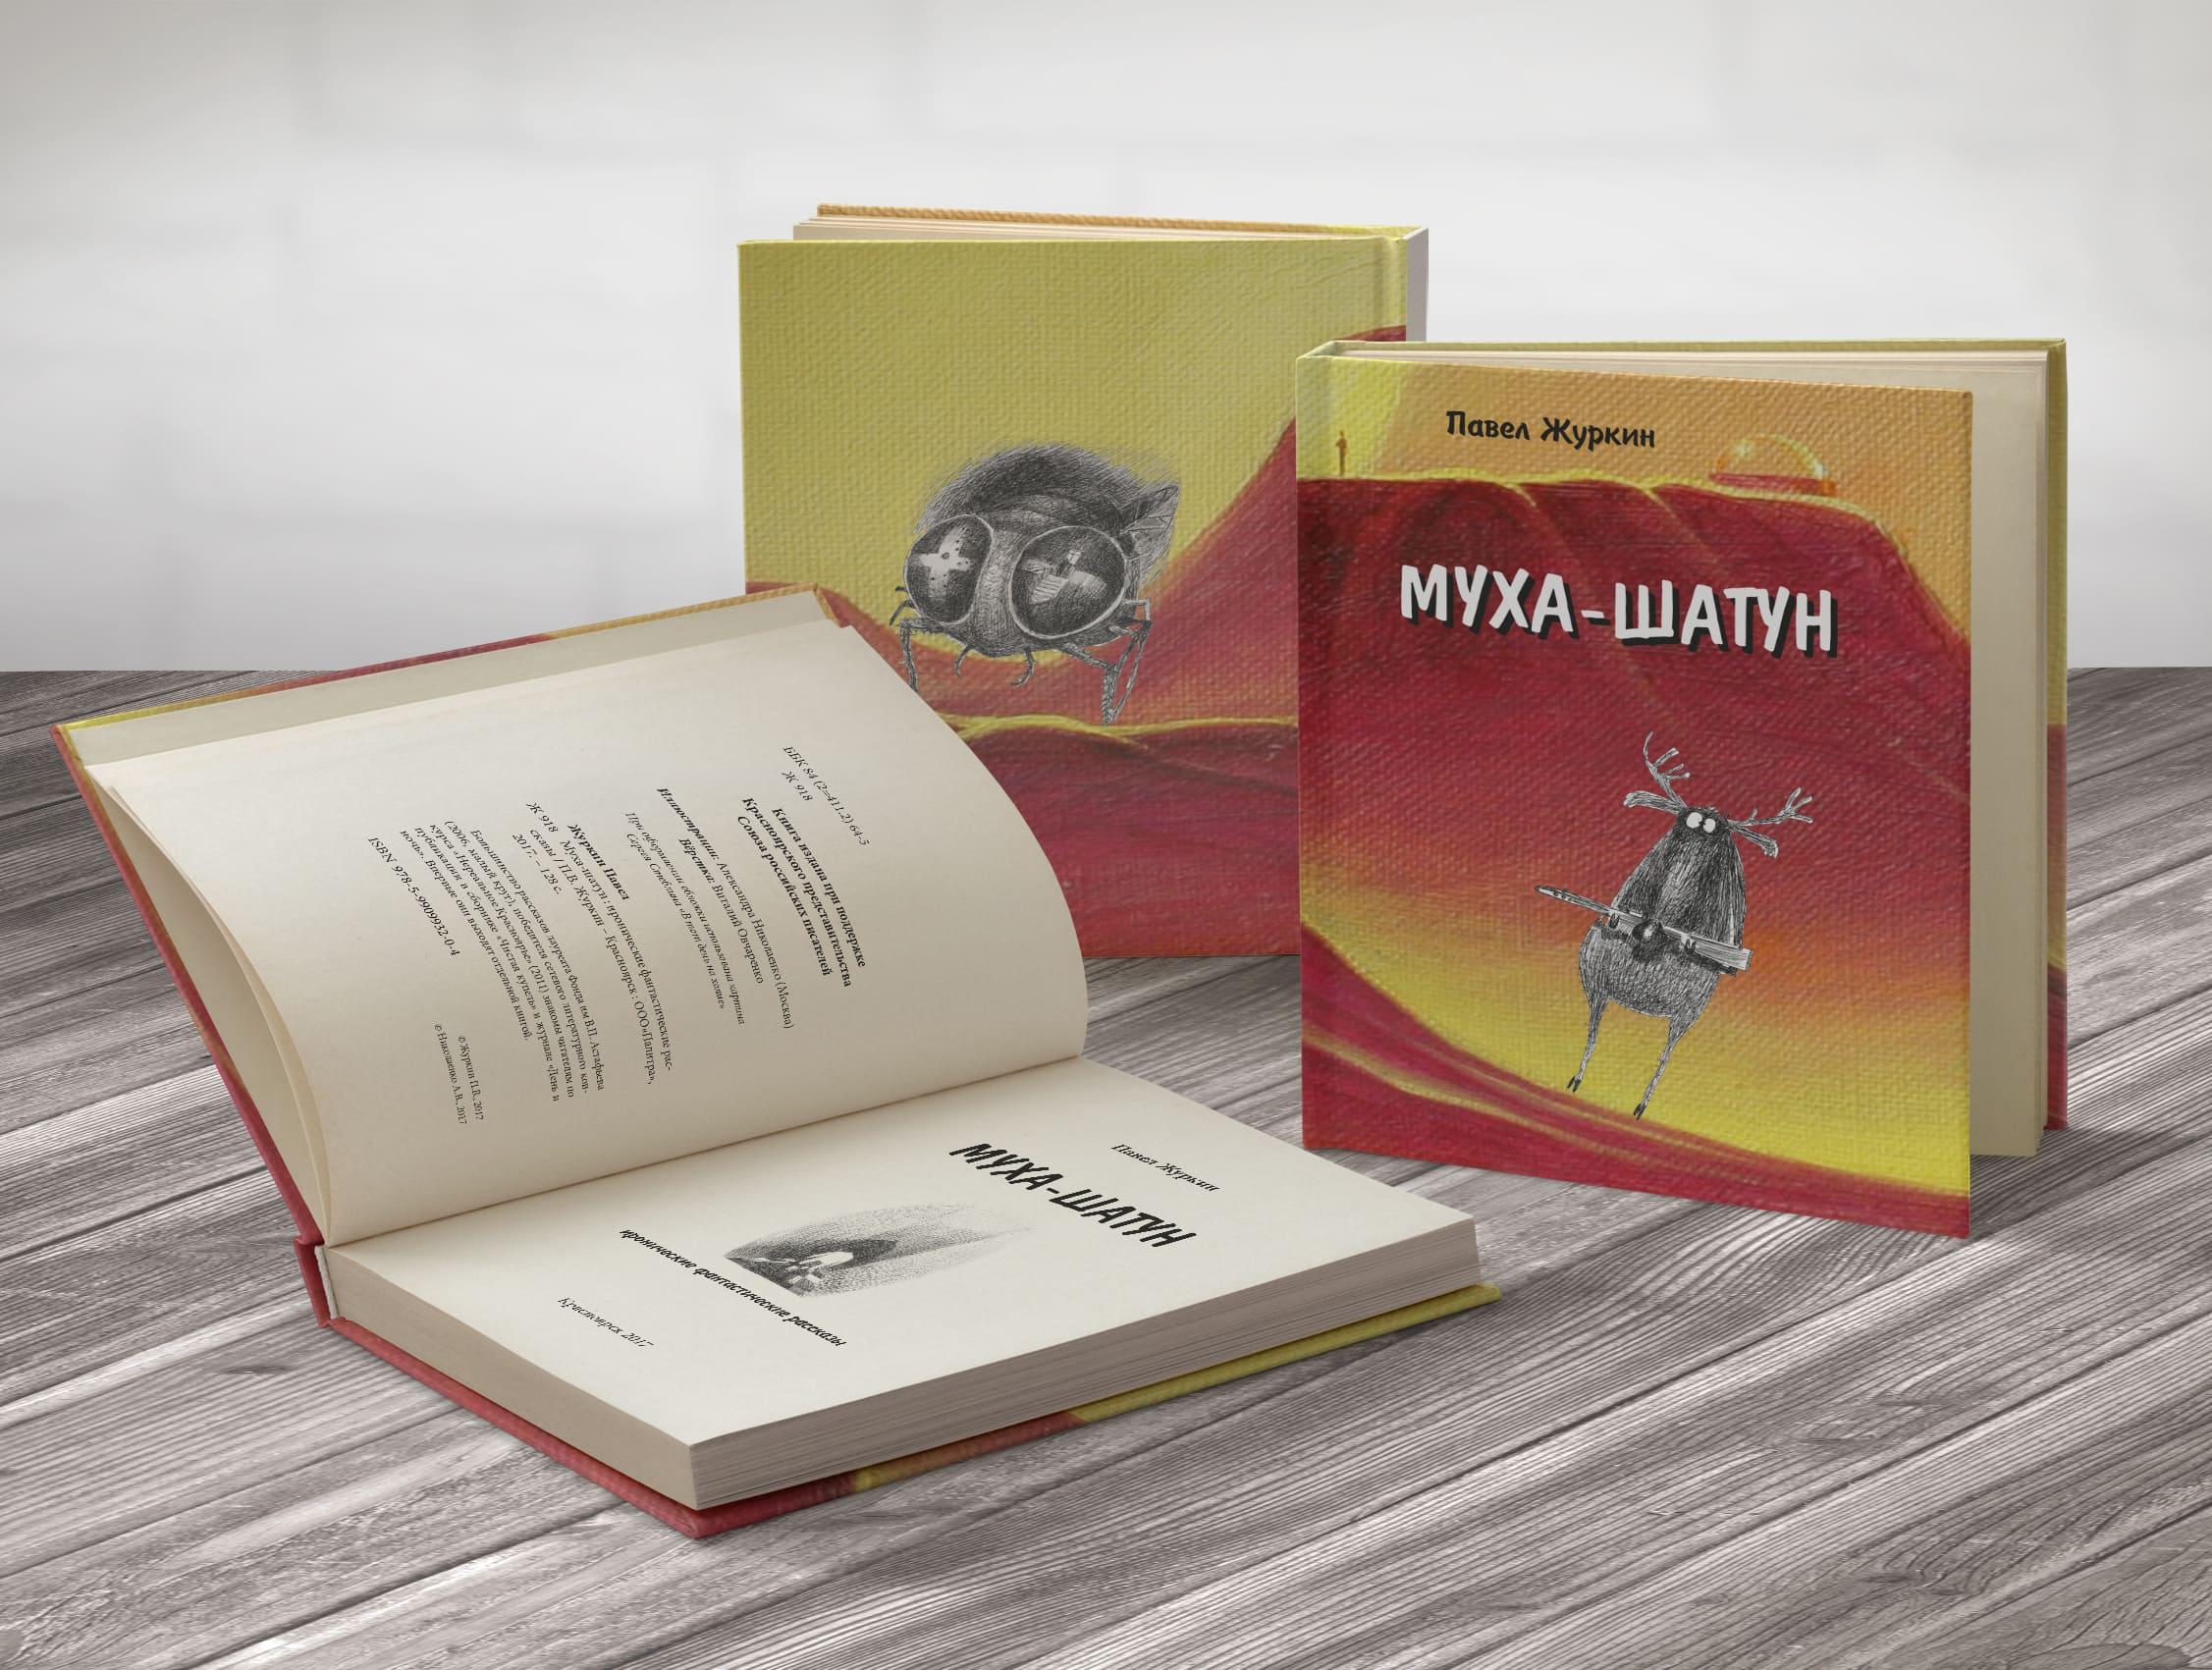 Муха-шатун